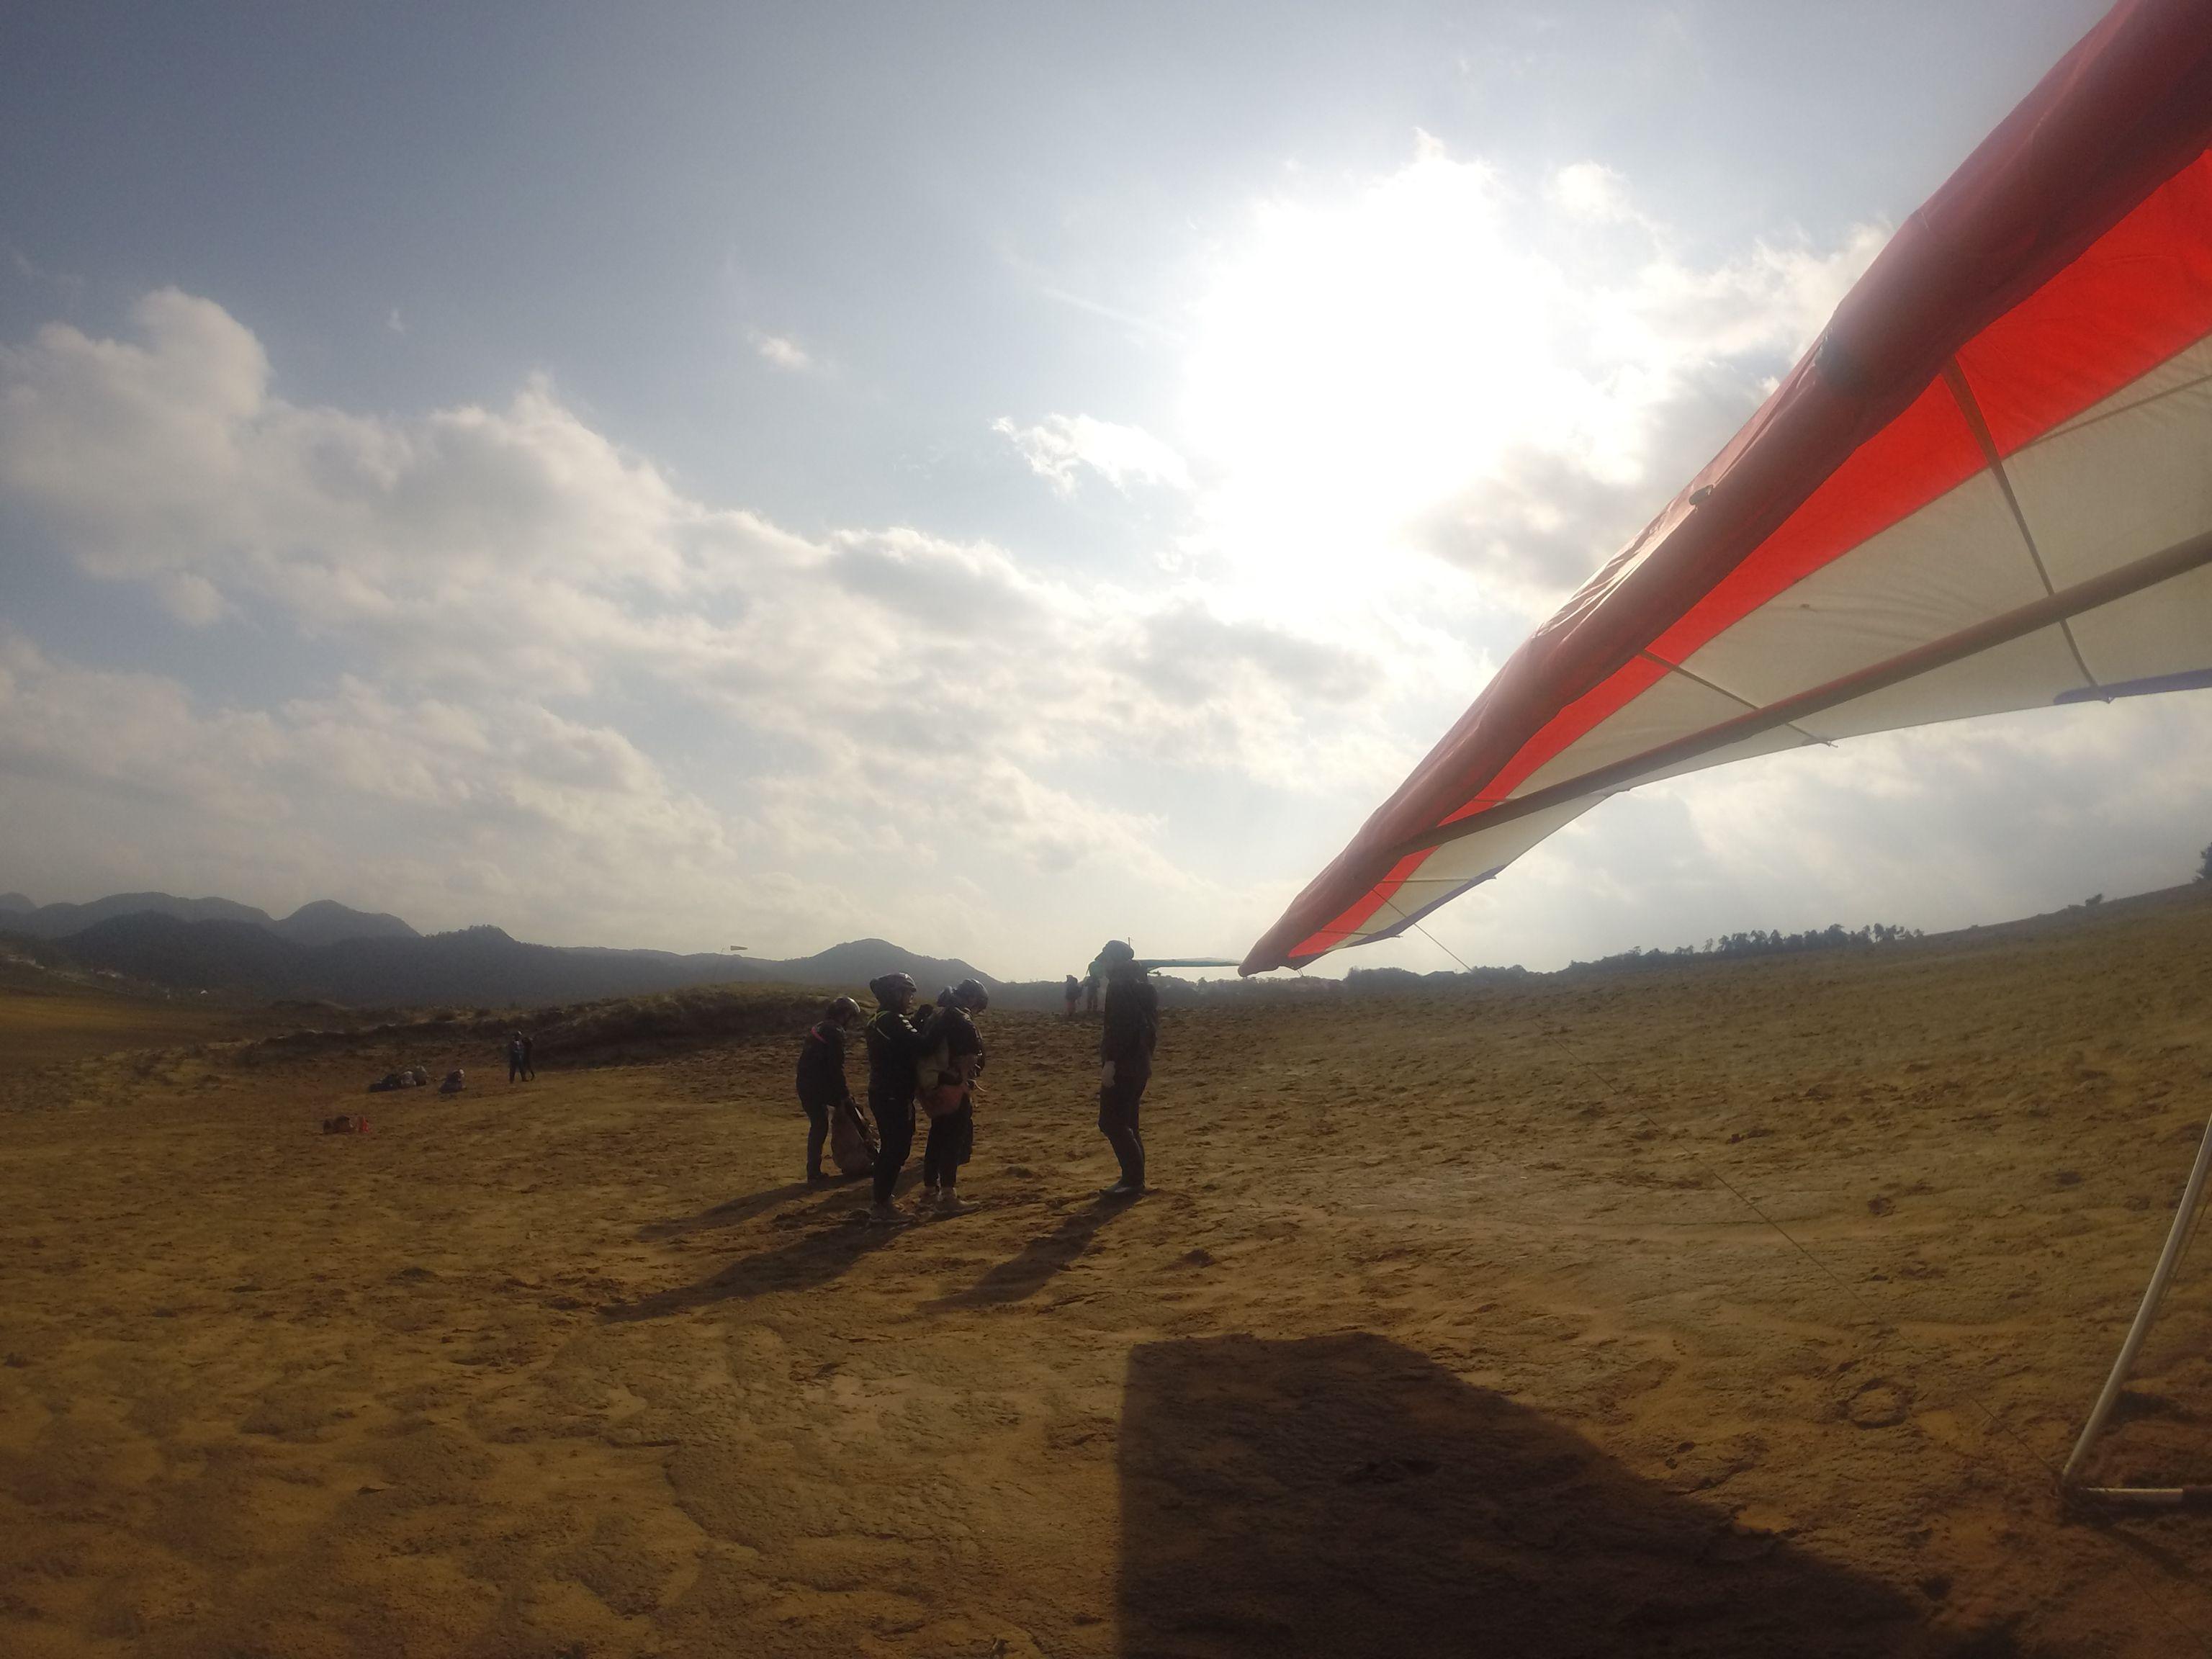 2機のハンググライダーを準備して講習スタート